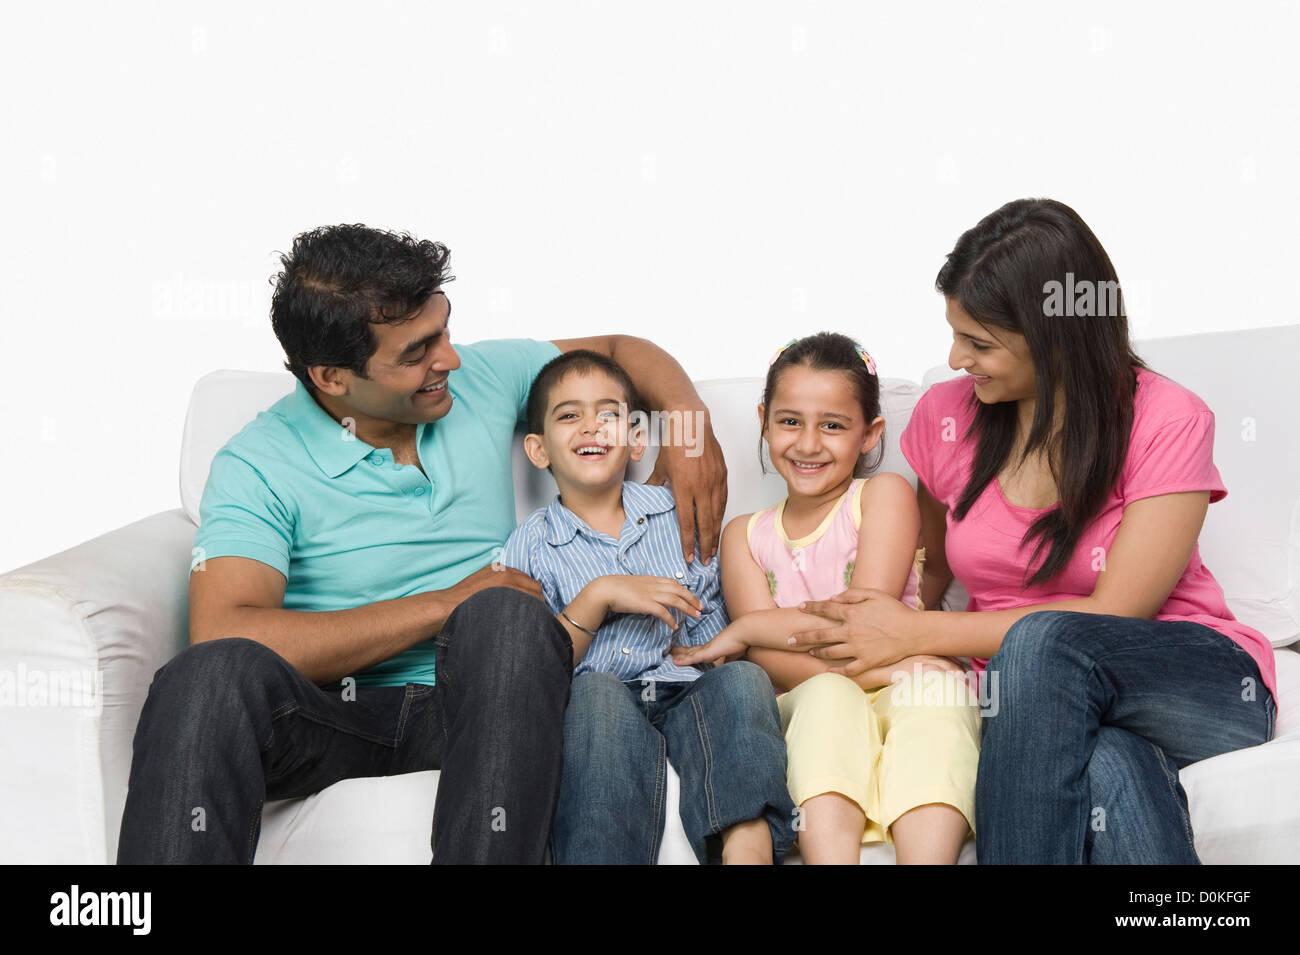 Familie auf einer Couch sitzen und Lächeln Stockfoto